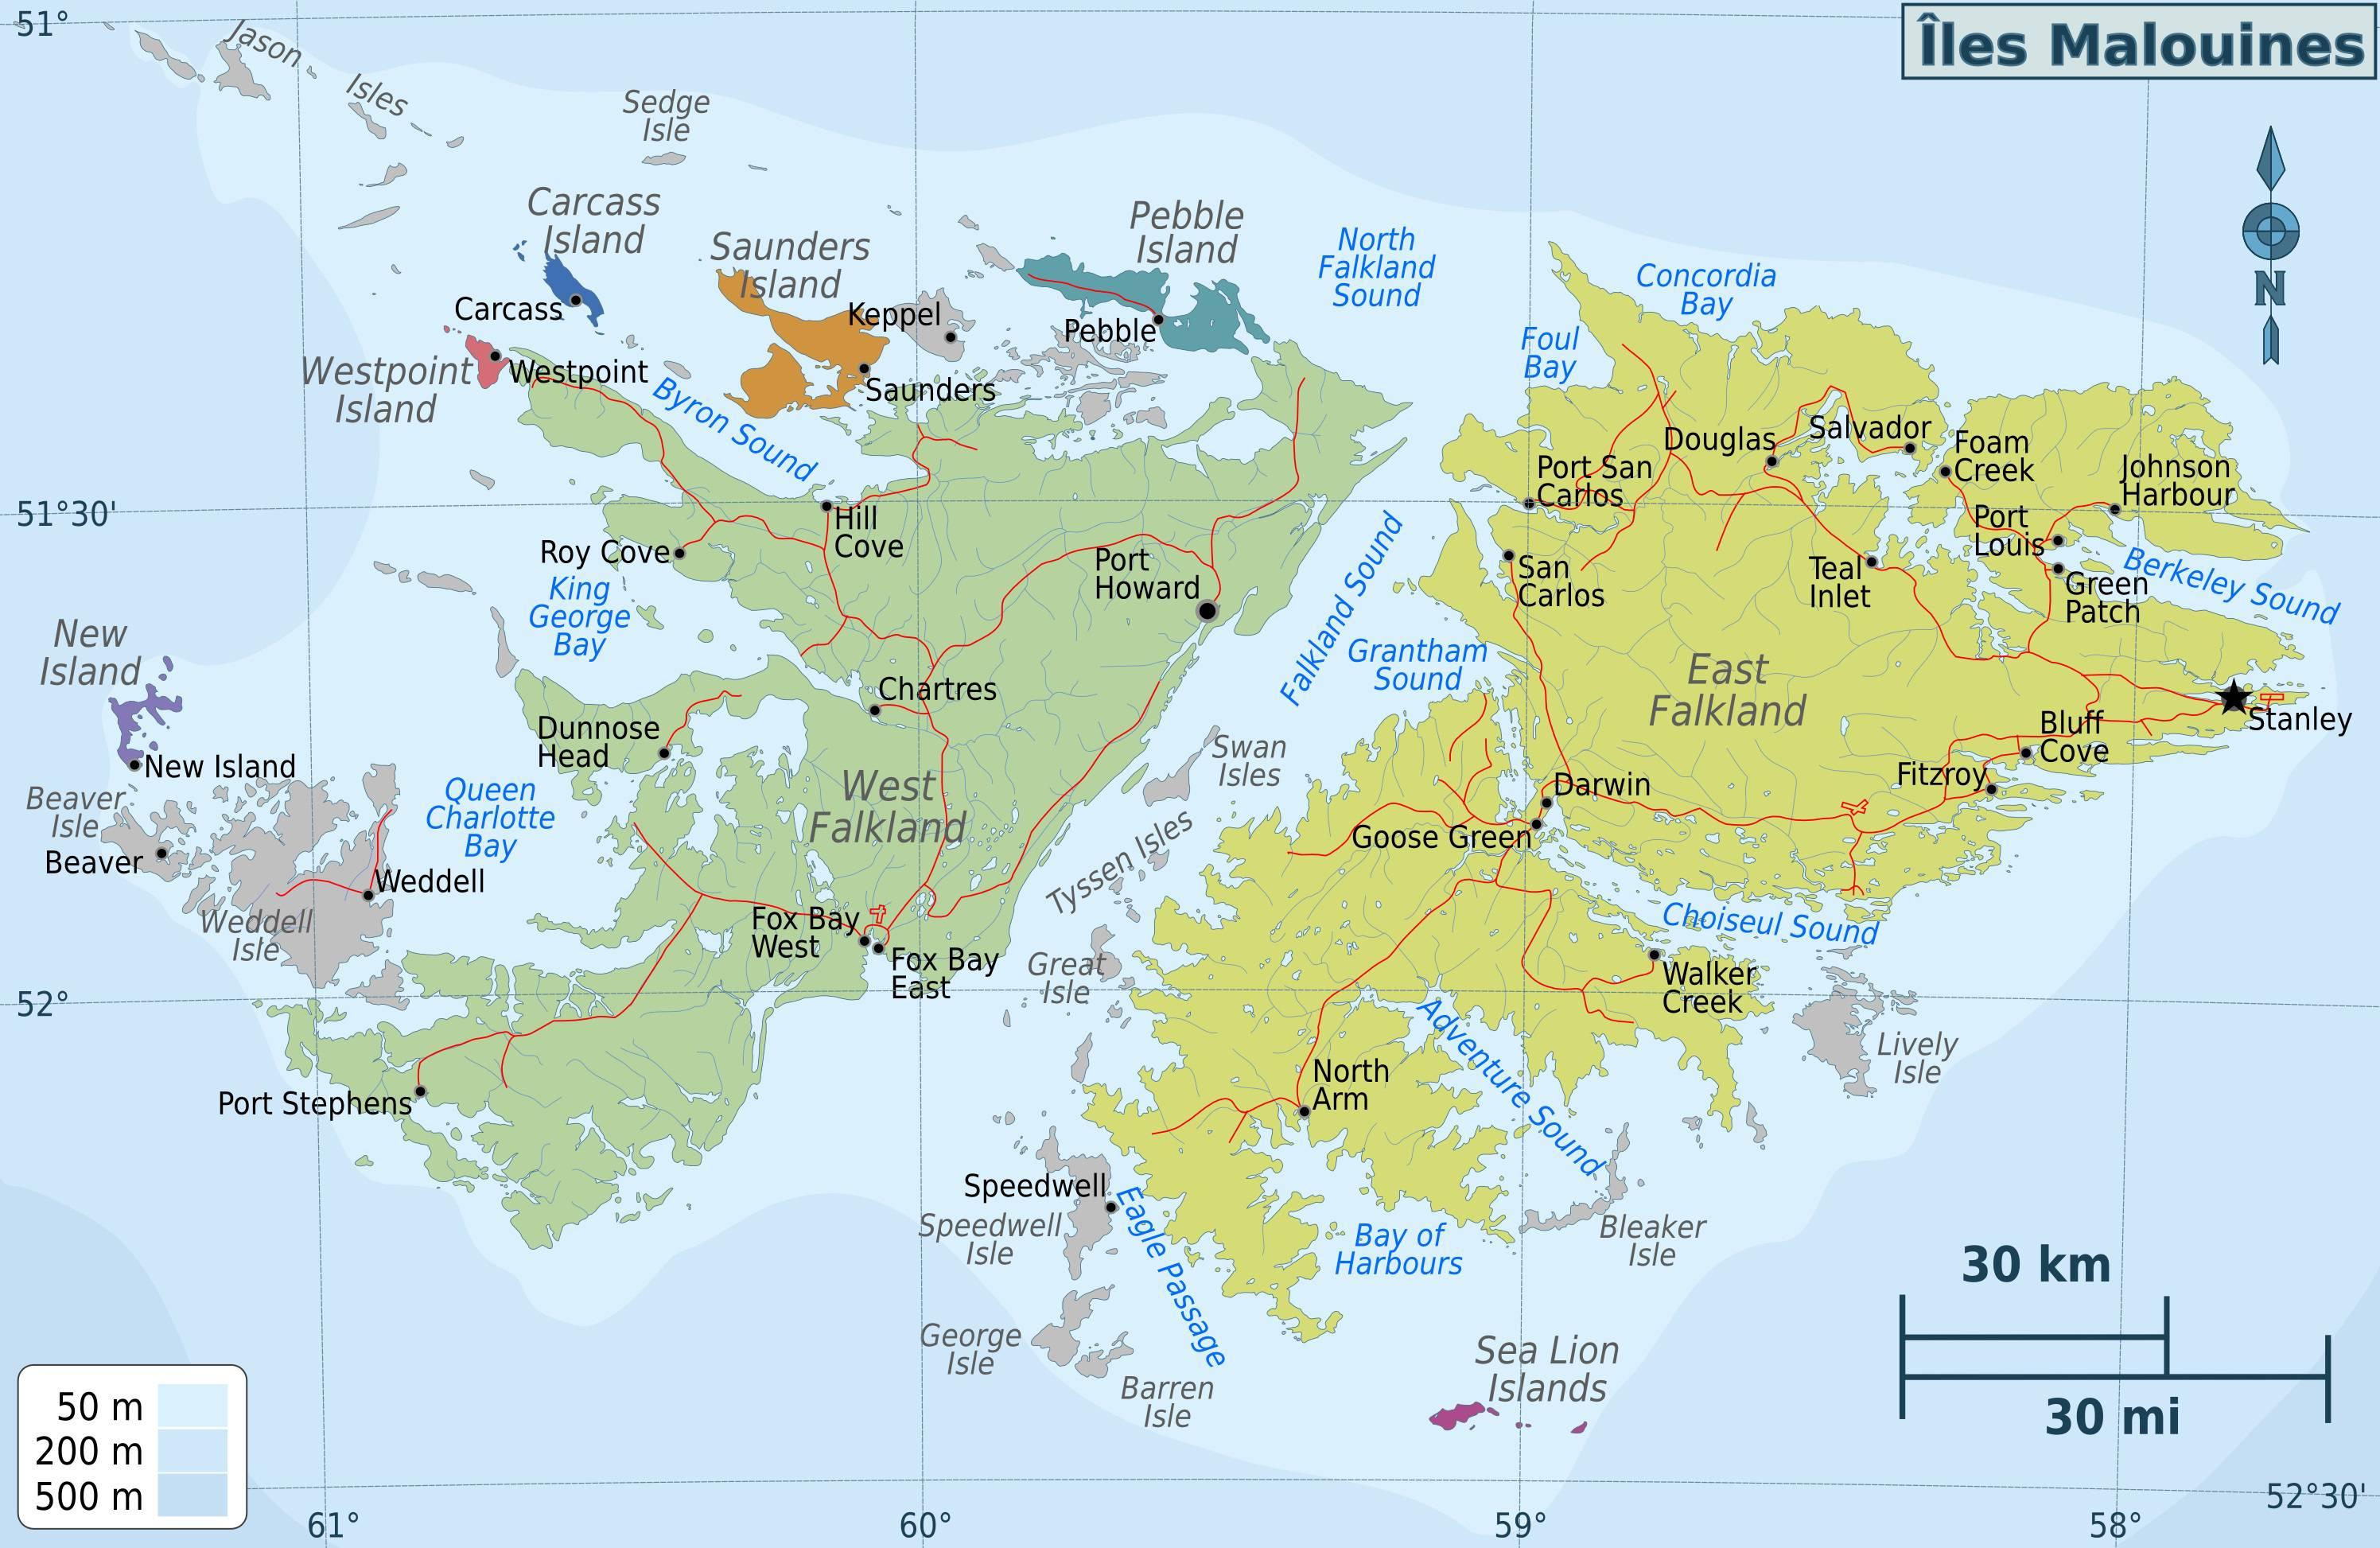 Carte administrative des Malouines (Falkland)